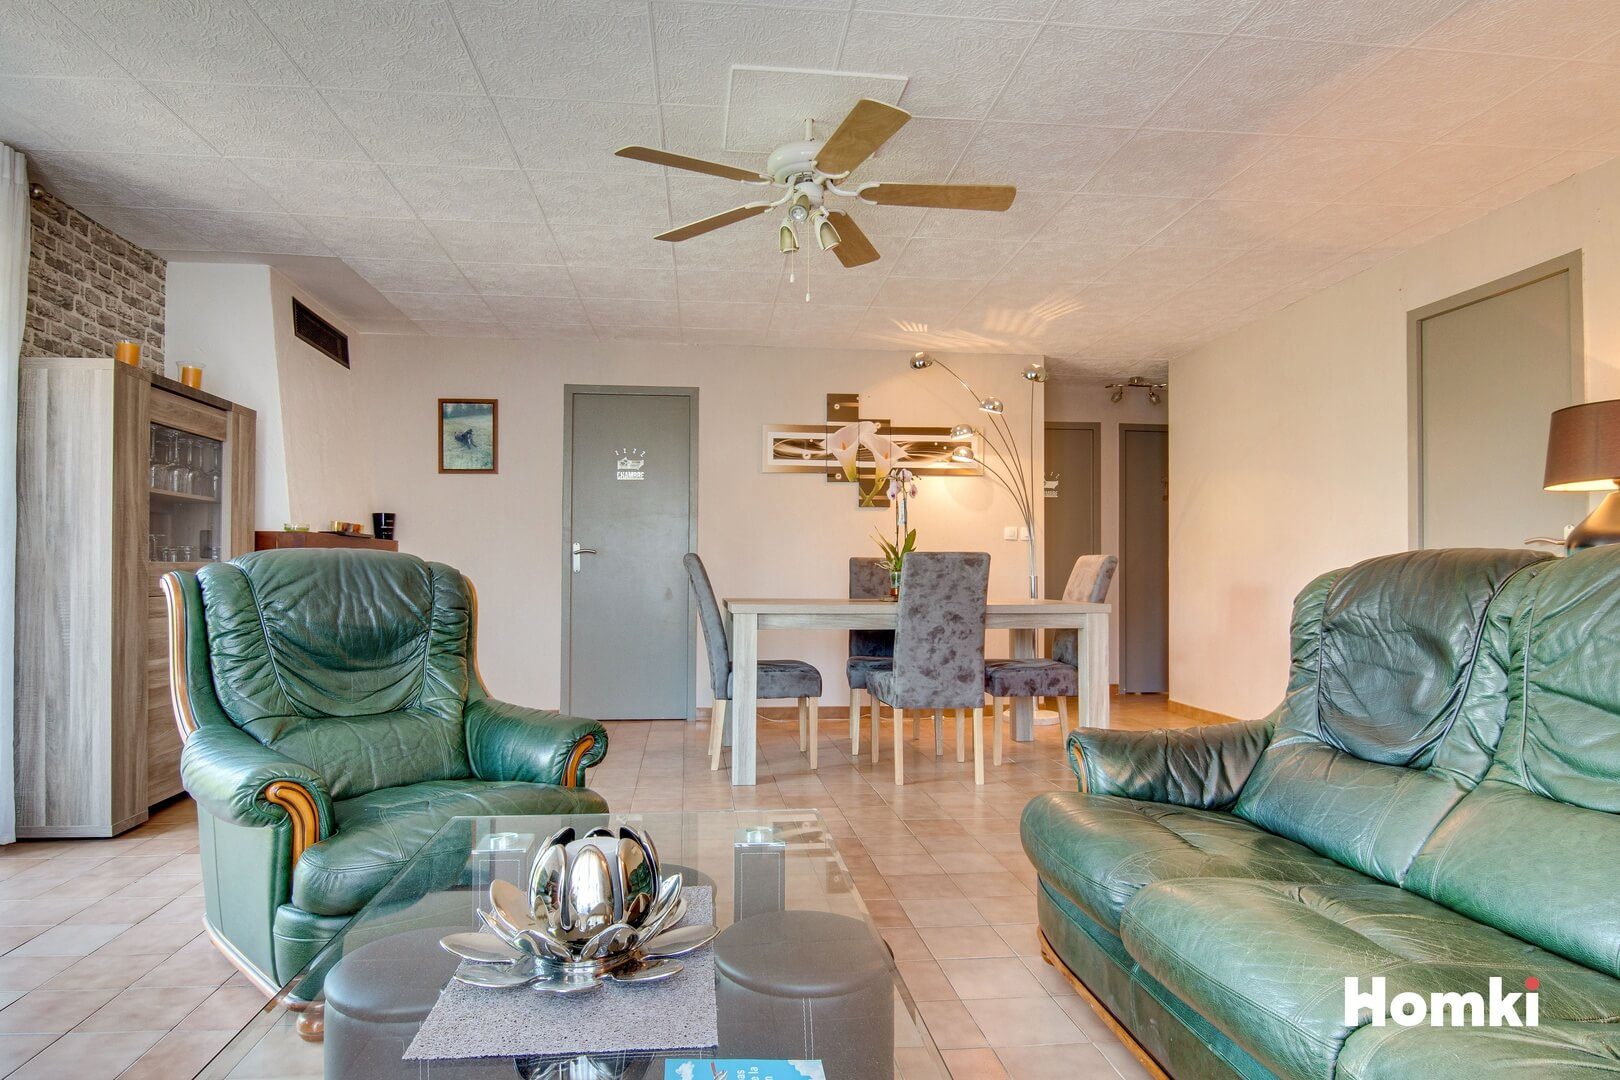 Homki - Vente Maison/villa  de 75.0 m² à Néfiach 66170